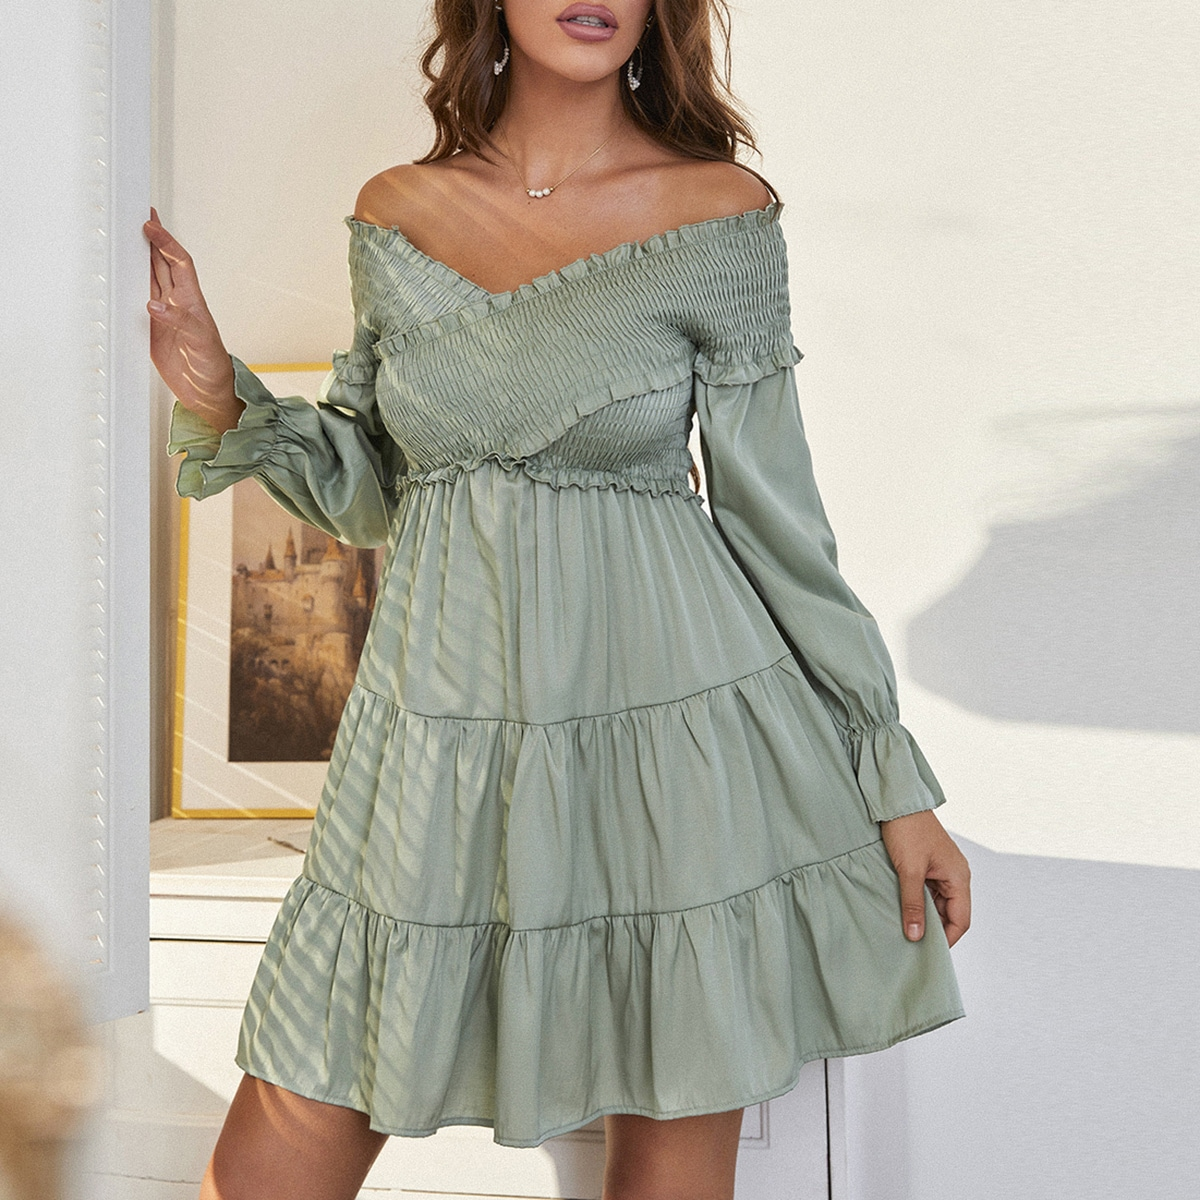 Оборка с оборками С оборками Одноцветный Бохо Платье SheIn swdress25210610047